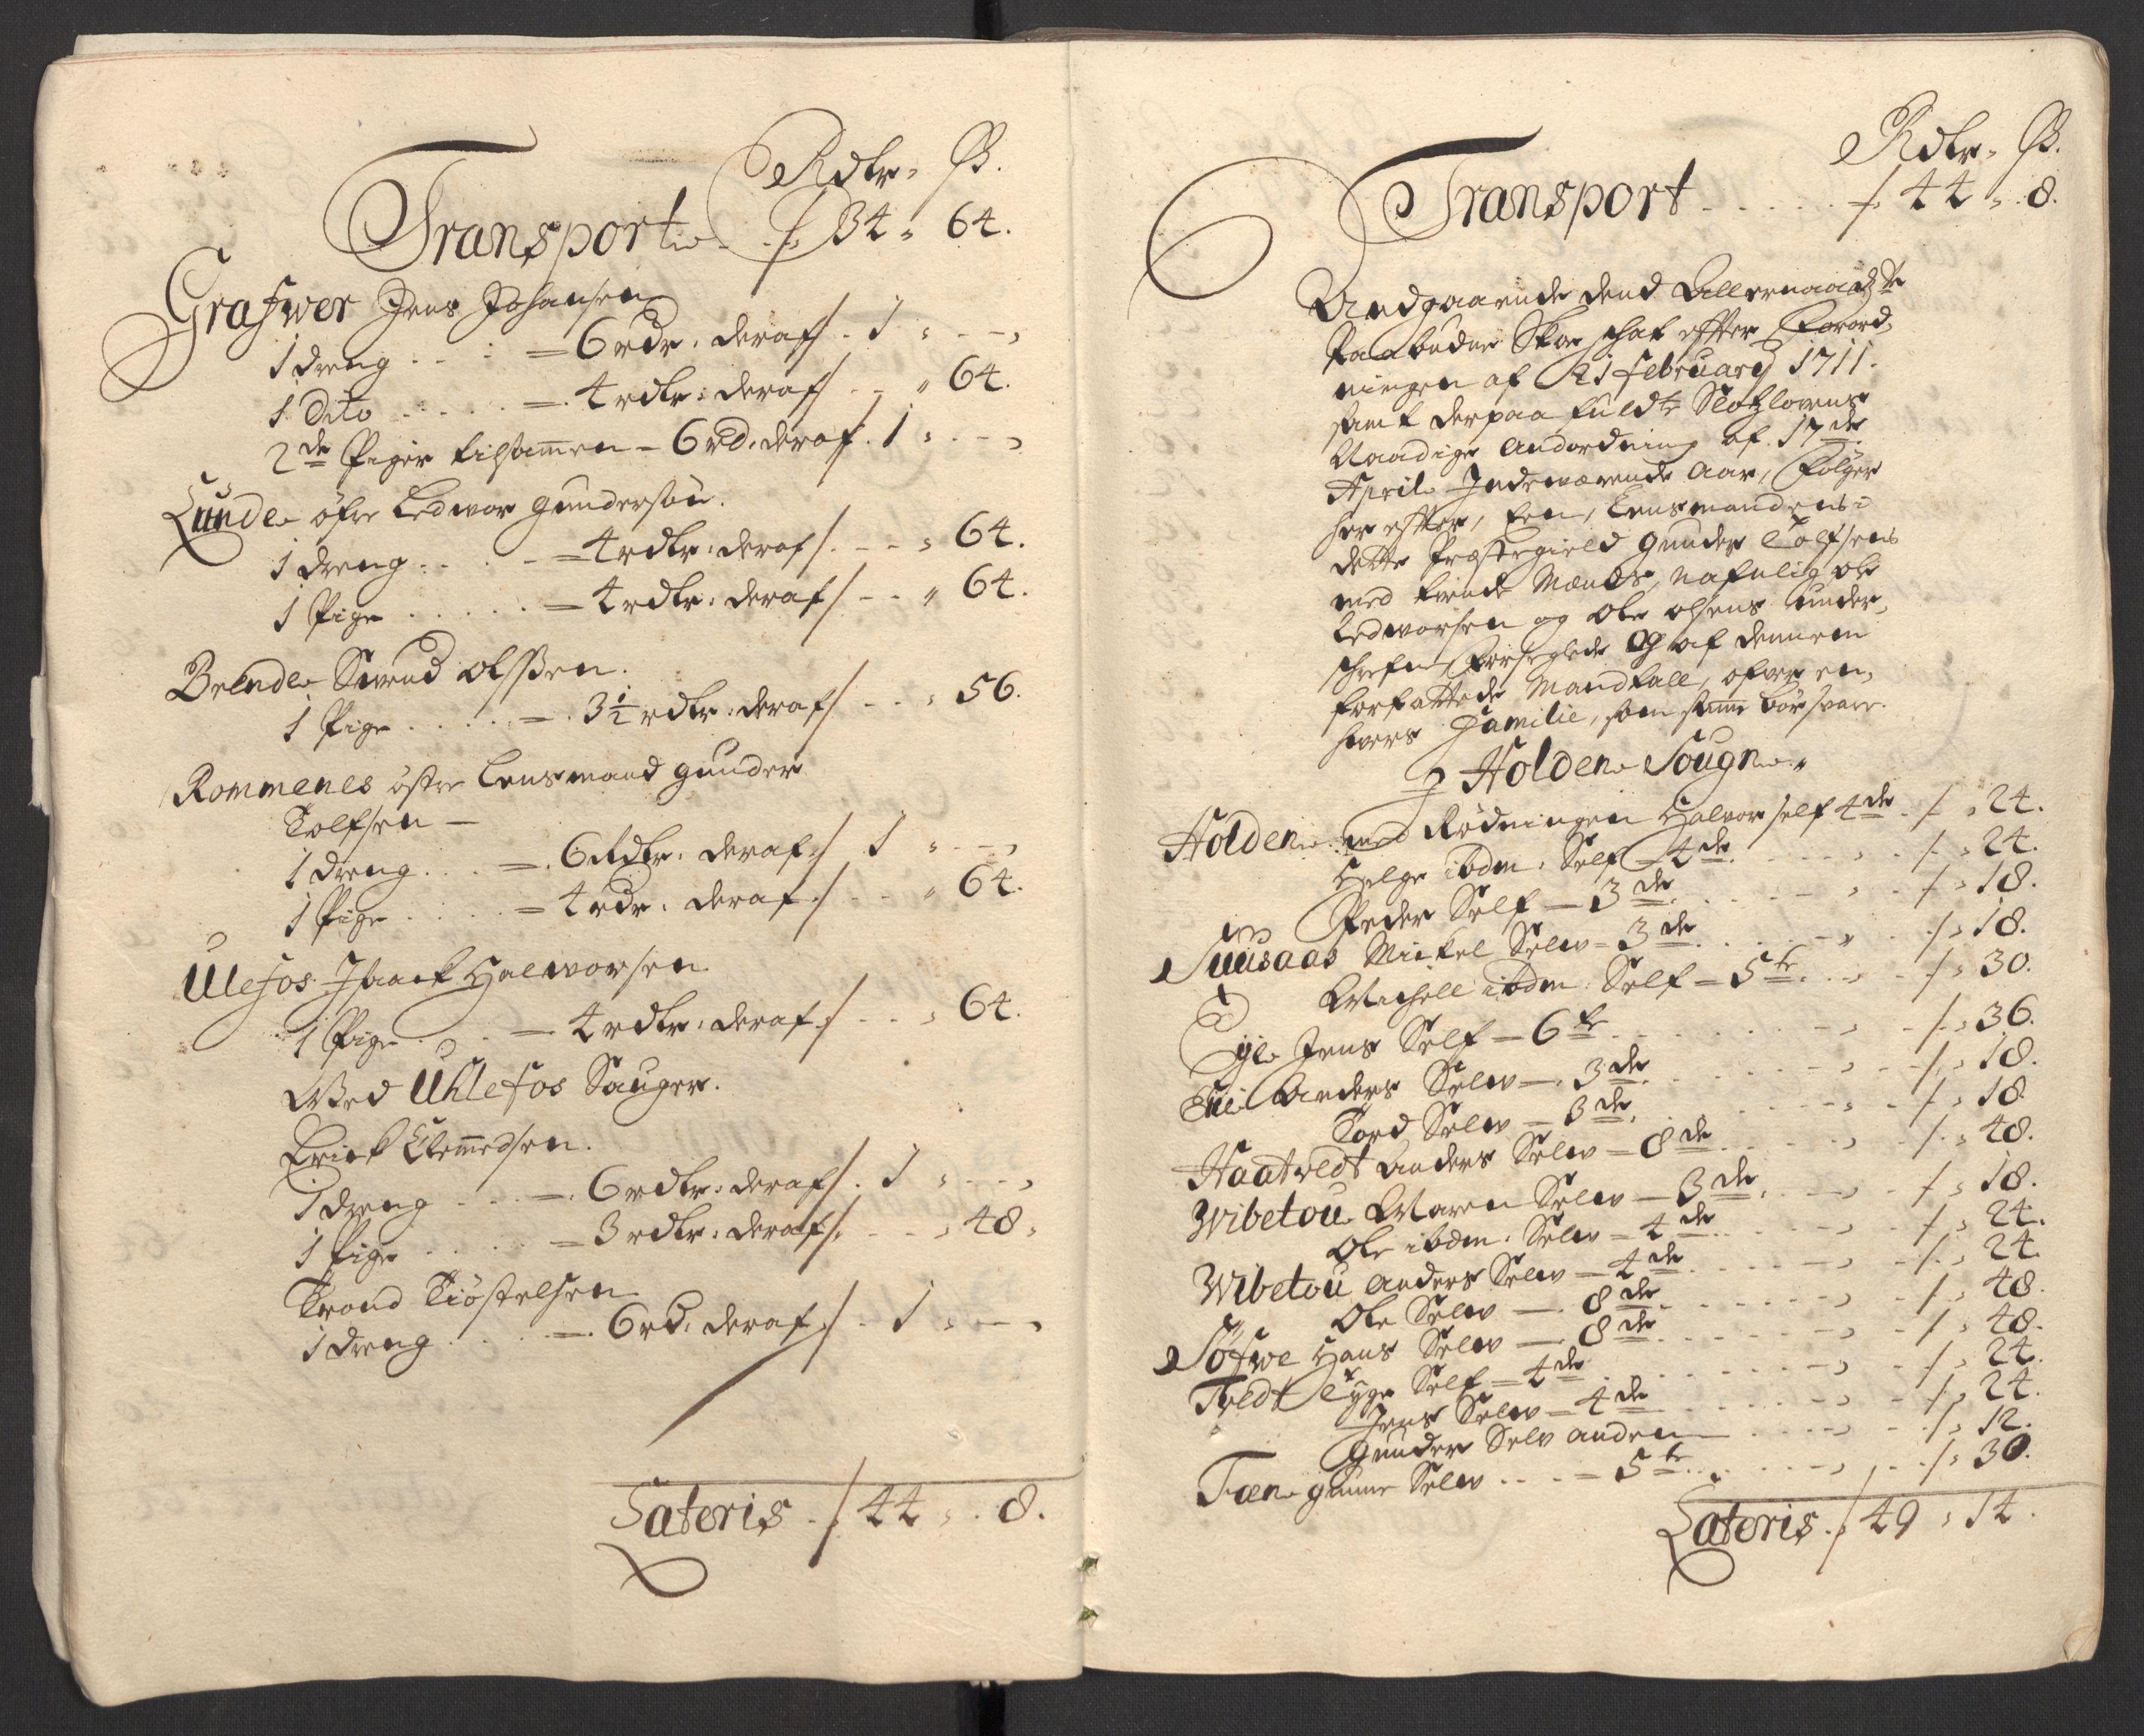 RA, Rentekammeret inntil 1814, Reviderte regnskaper, Fogderegnskap, R36/L2121: Fogderegnskap Øvre og Nedre Telemark og Bamble, 1711, s. 11